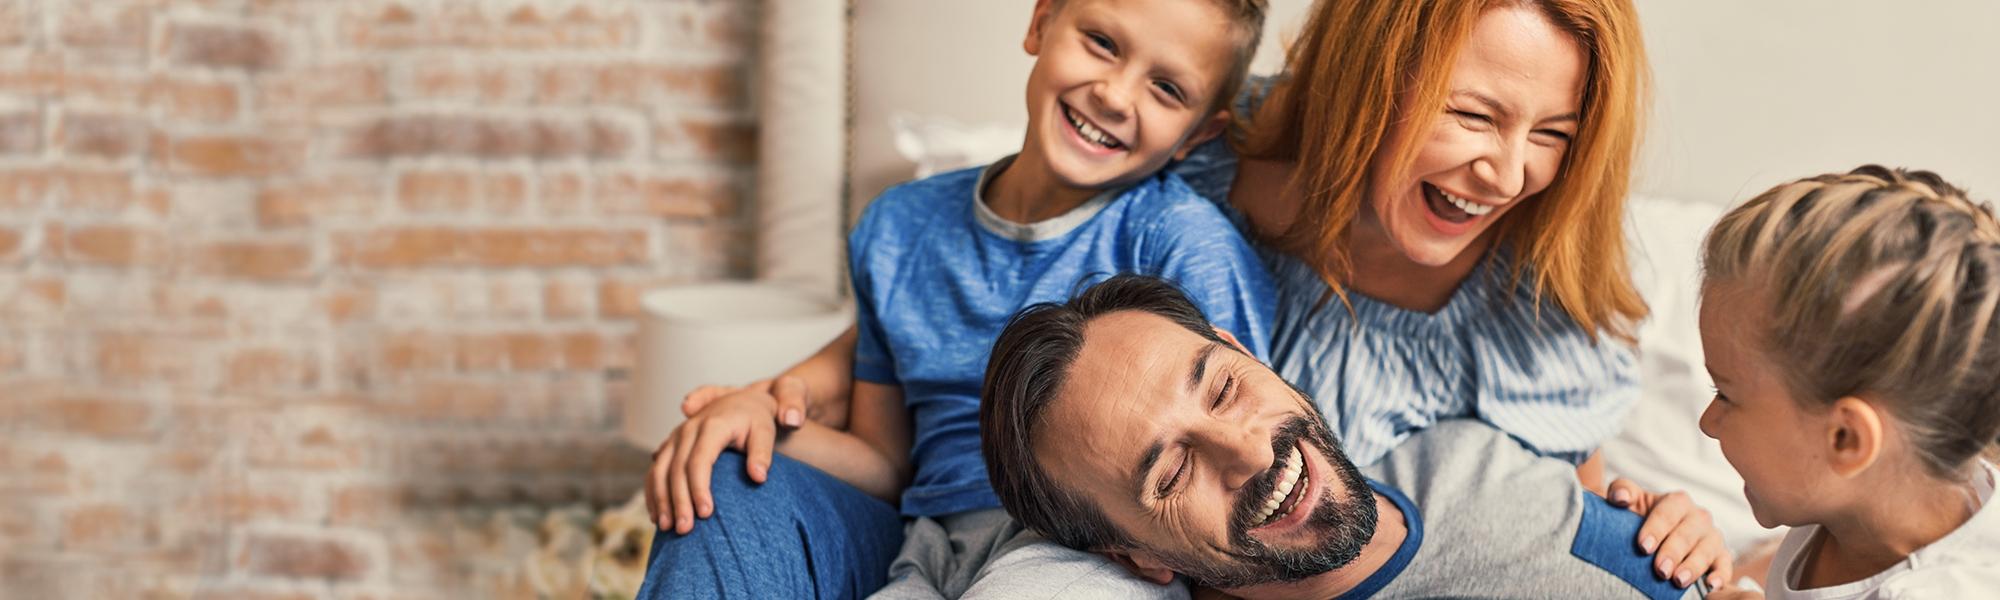 Laughing family enjoying the morning laughing in their pajamas